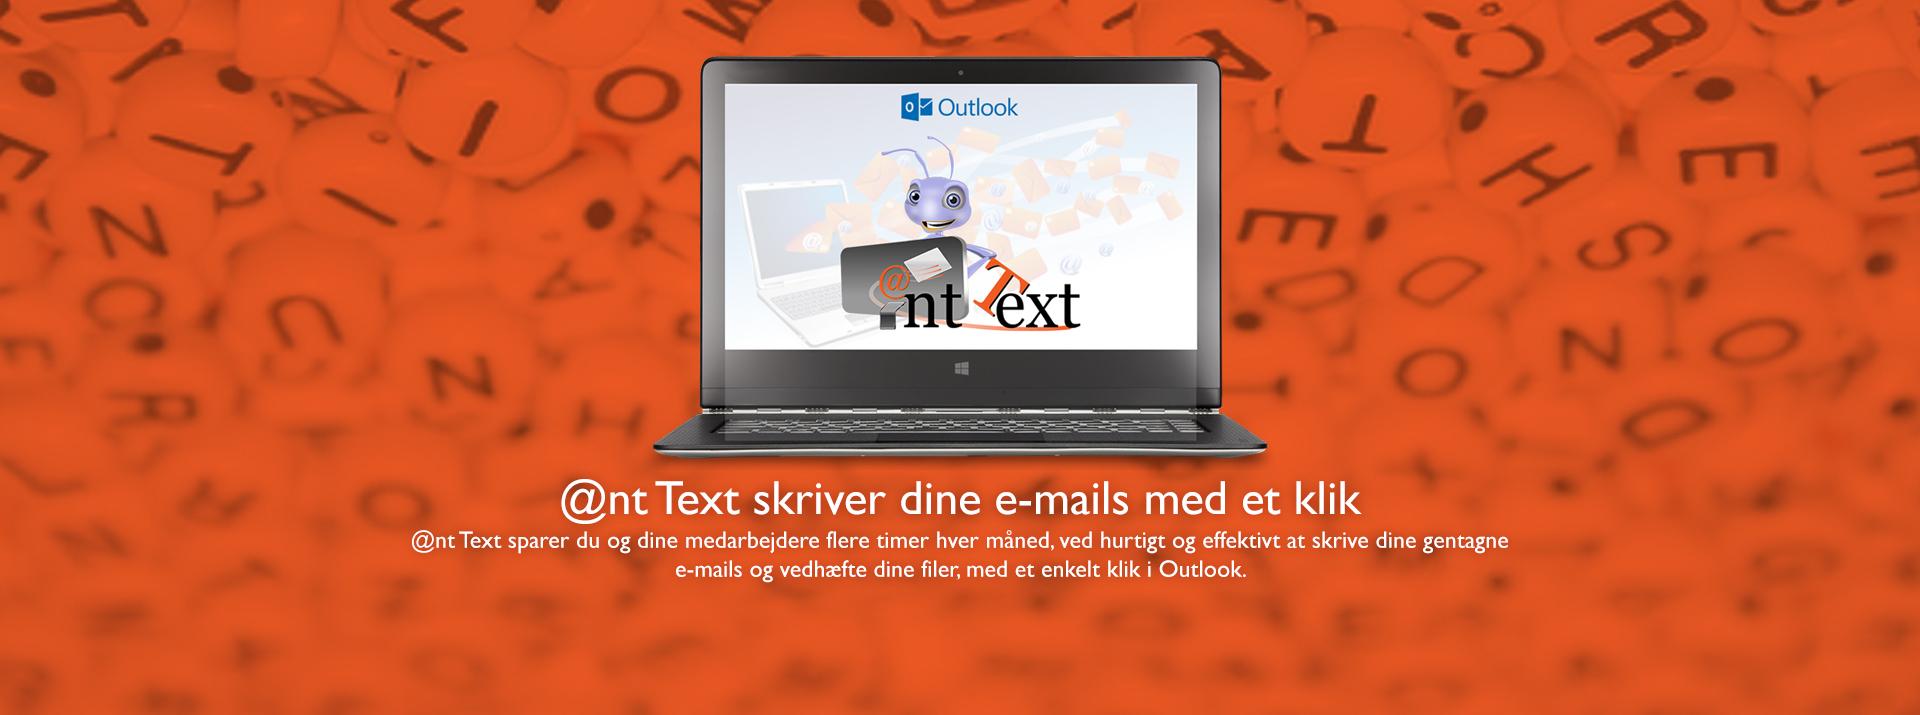 Header med computer - skærm viser Ant Text og Outlook logos - Tekst Ant Text skriver dine e-mails med et klik